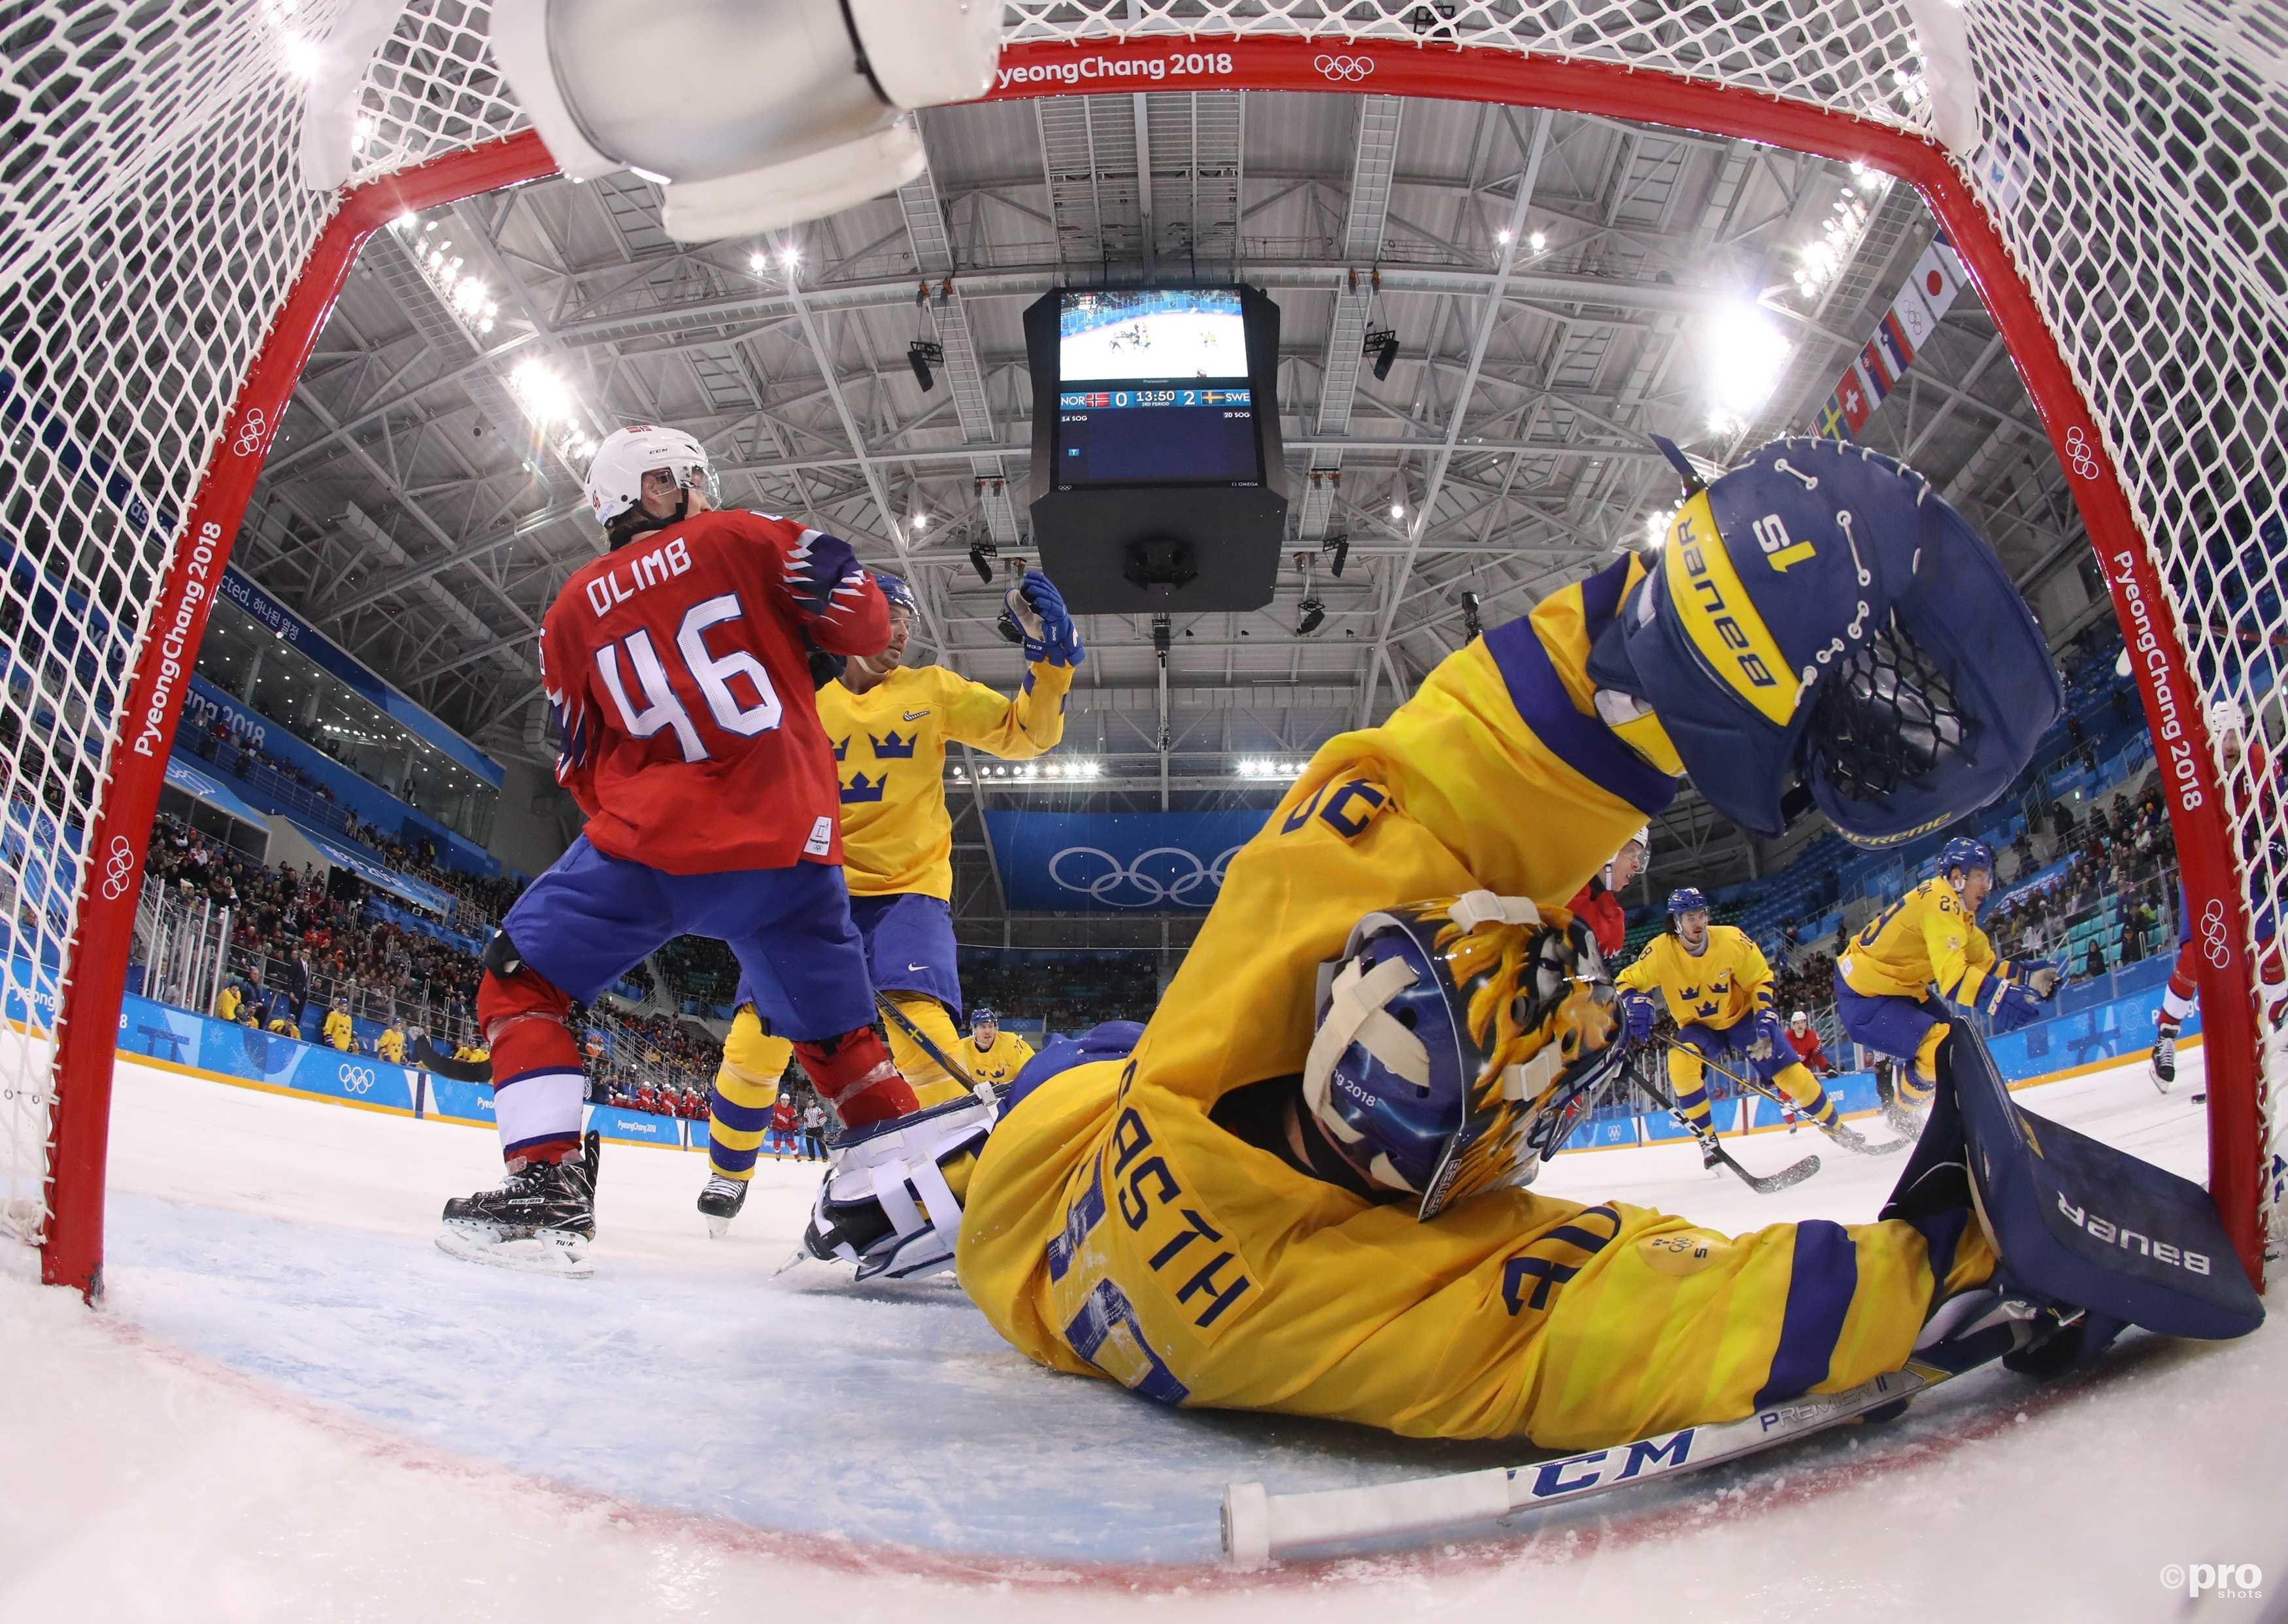 Noorwegen leek te scoren, maar de goal werd op basis van videobeelden afgekeurd wegens een overtreding (Pro Shots/Action Images)